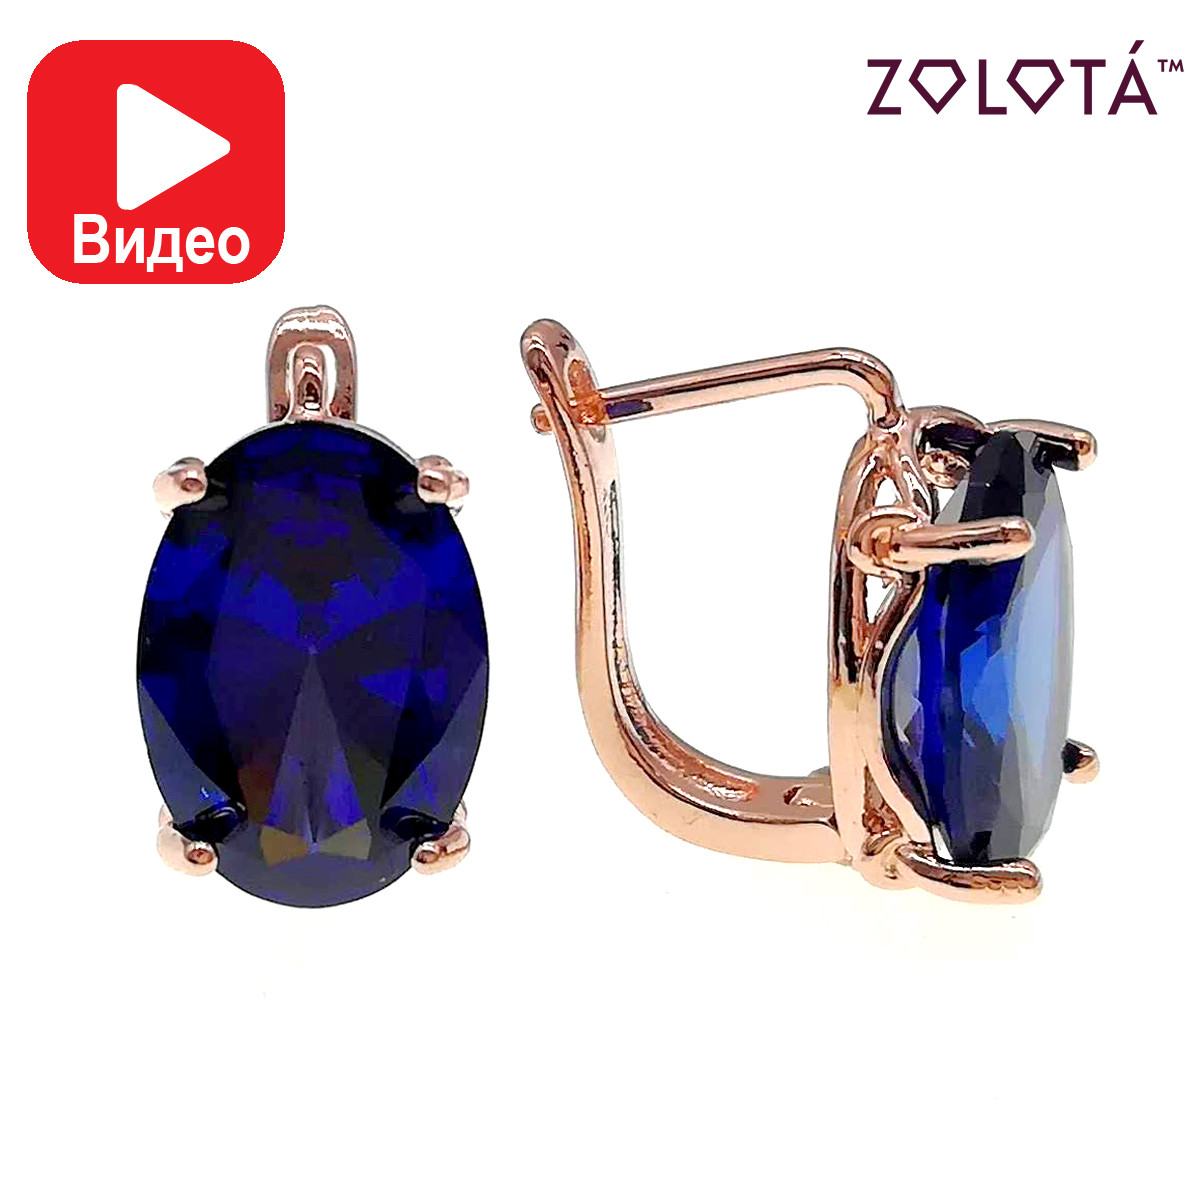 Серьги Zolota, размер 17х10 мм, синие фианиты (куб. цирконий), вес 5 г, позолота PO, ЗЛ00885 (1)